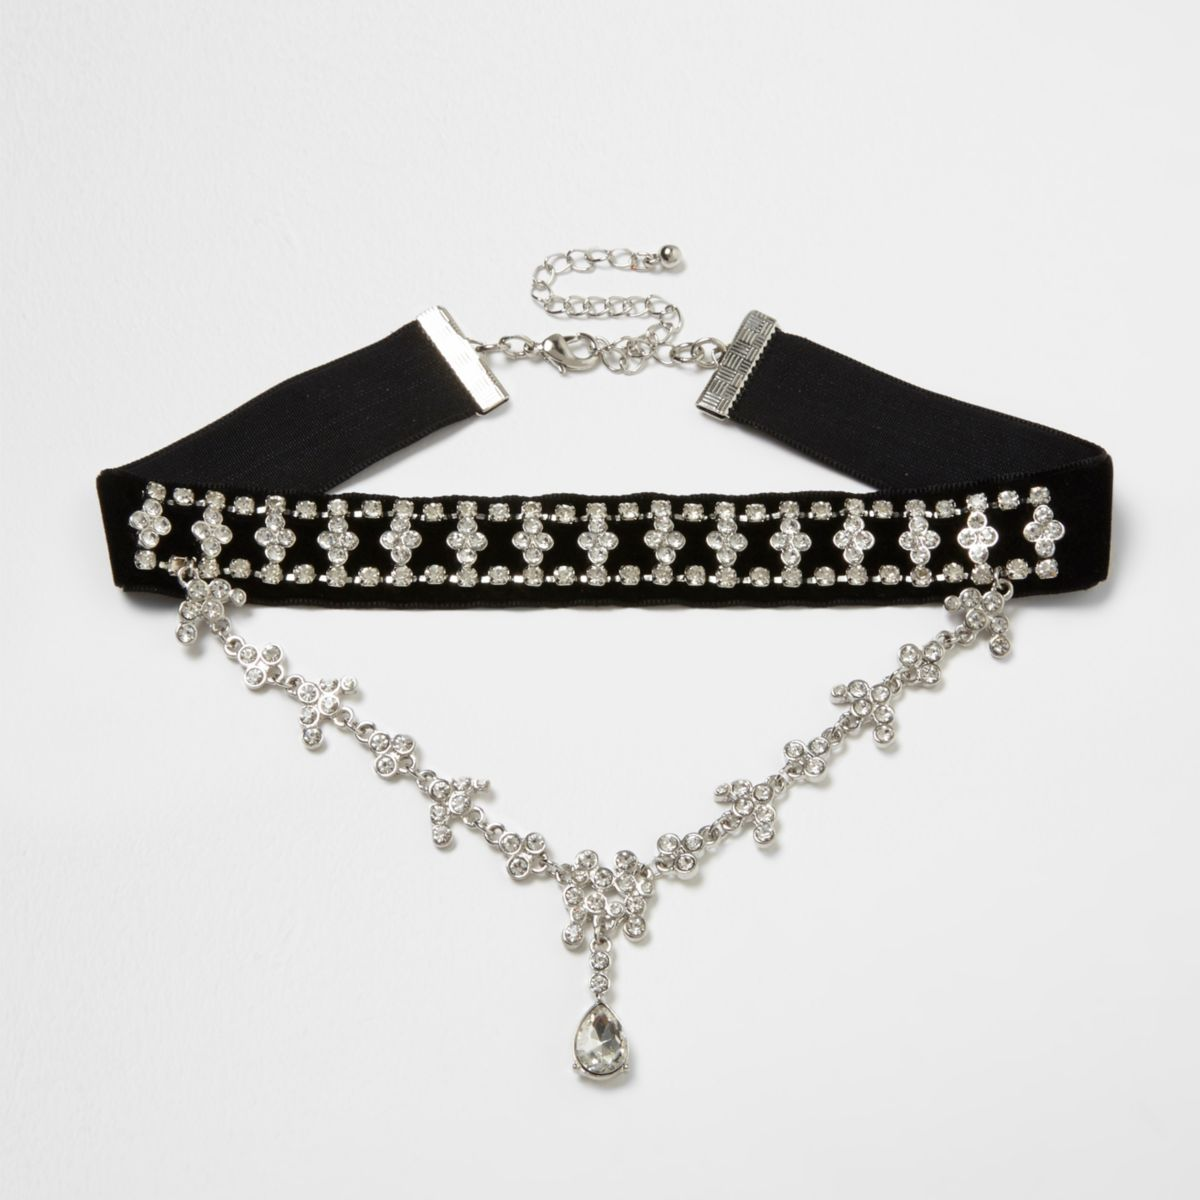 Black velvet jewel drape choker